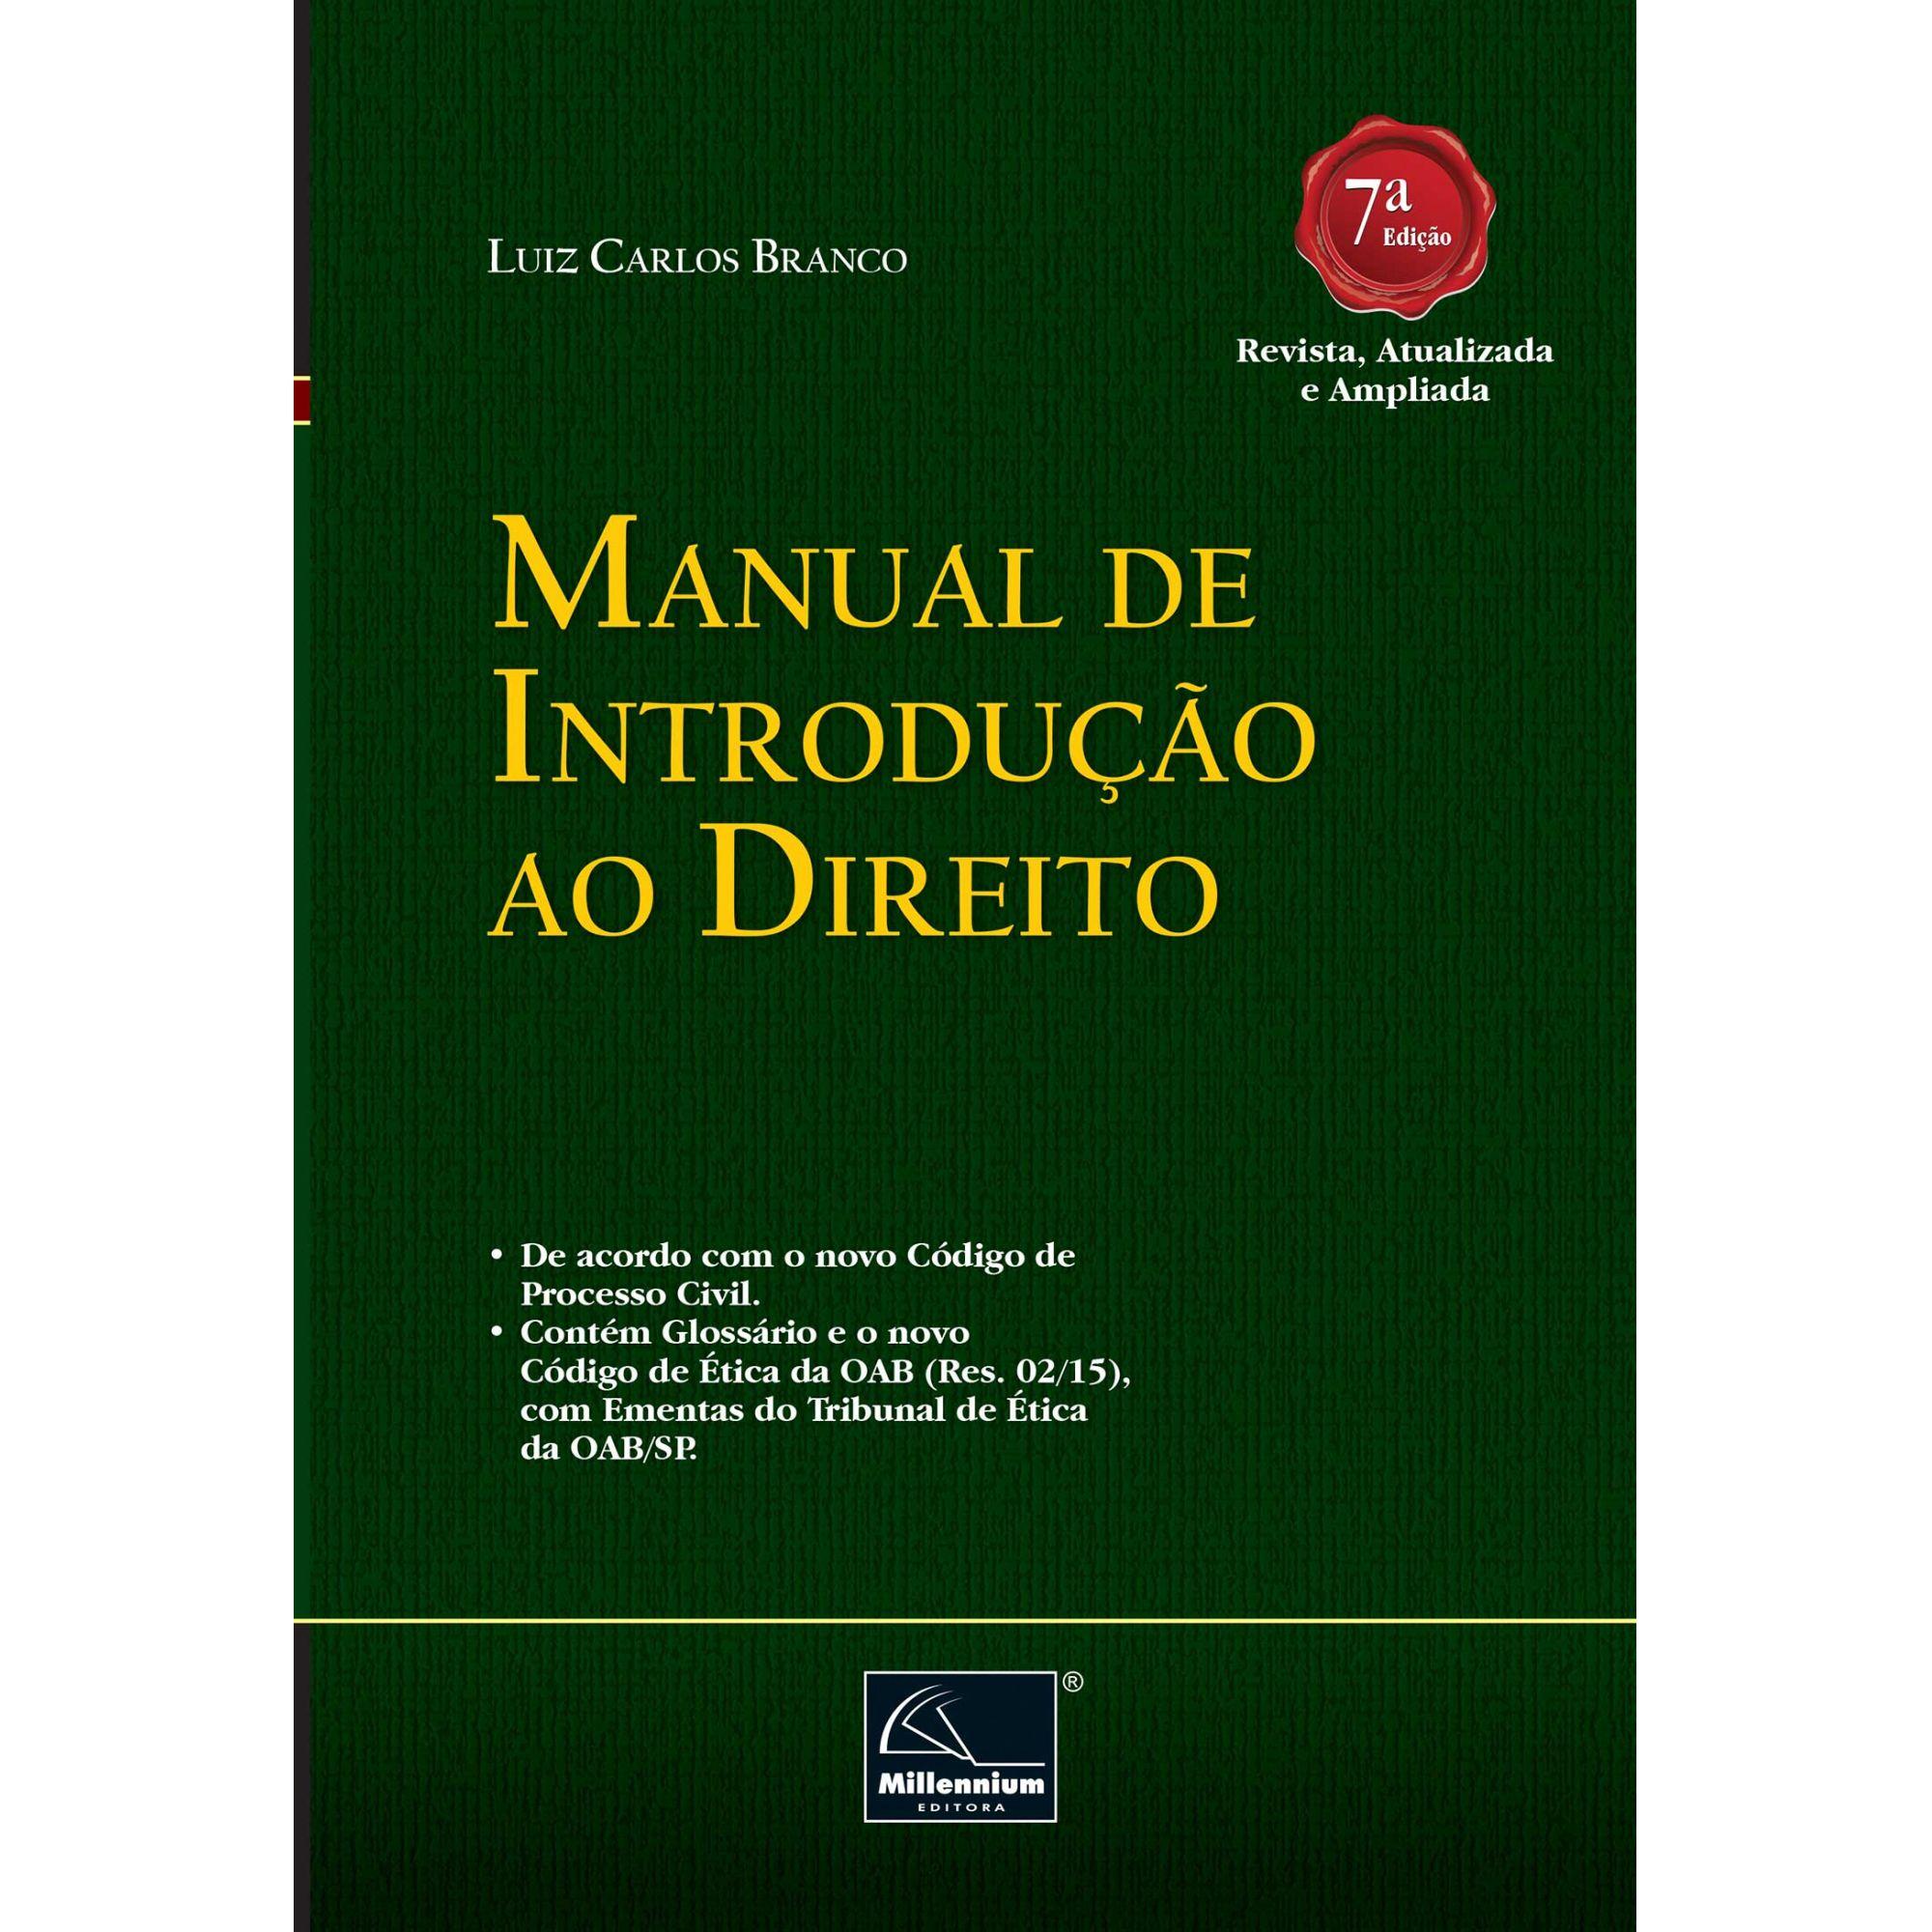 Manual de Introdução ao Direito 7ª Edição <b>Autor: Luiz Carlos Branco</b>  - Millennium Editora - Livros de Perícia